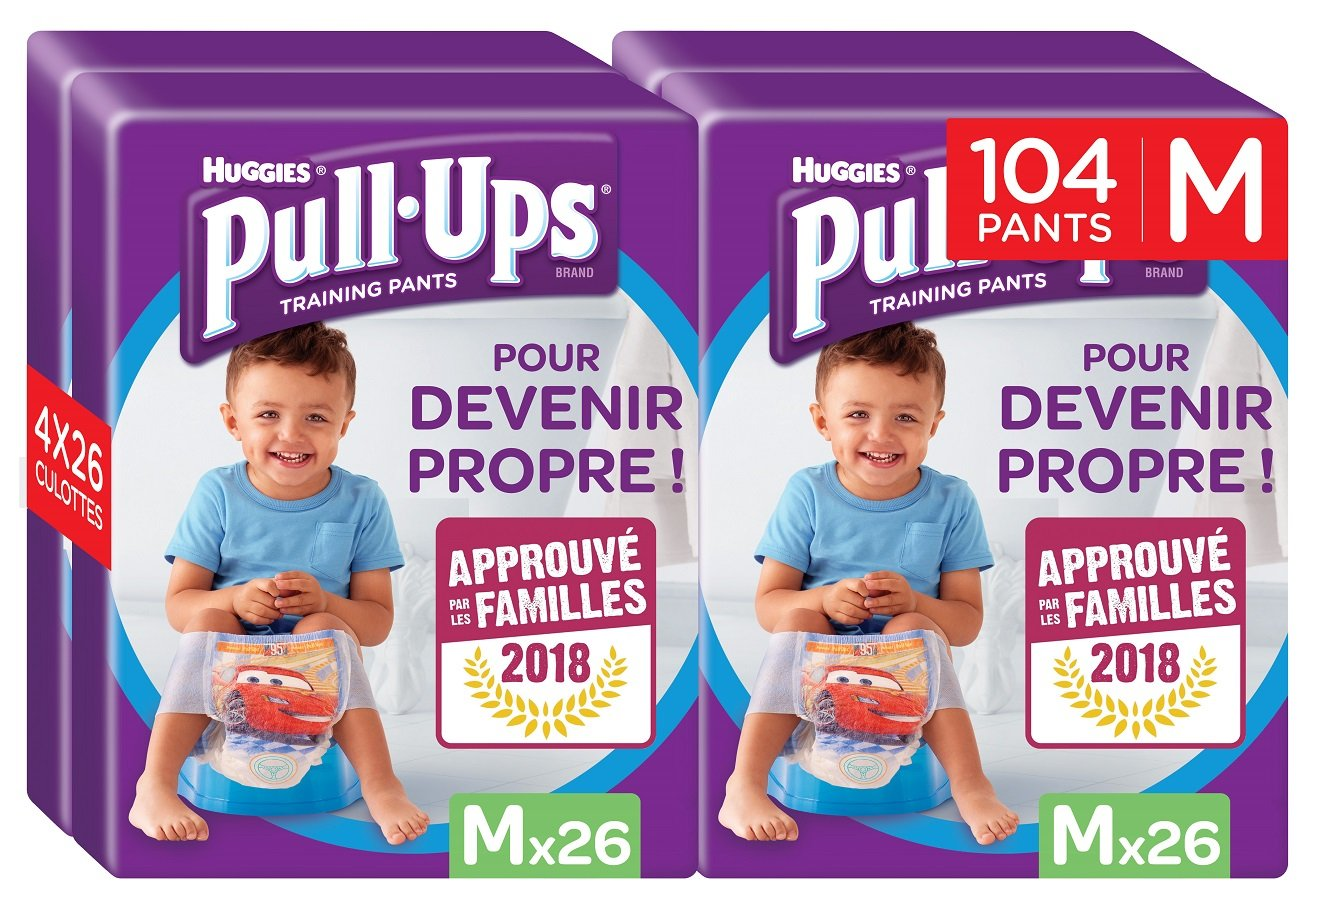 Huggies Pull-Ups Fille Taille 5/Medium (11-18 kg), Couche-Culotte d'Apprentissage de la Propreté Disney Princesses x52 (2 paquets de 26 culottes) 5029053525976